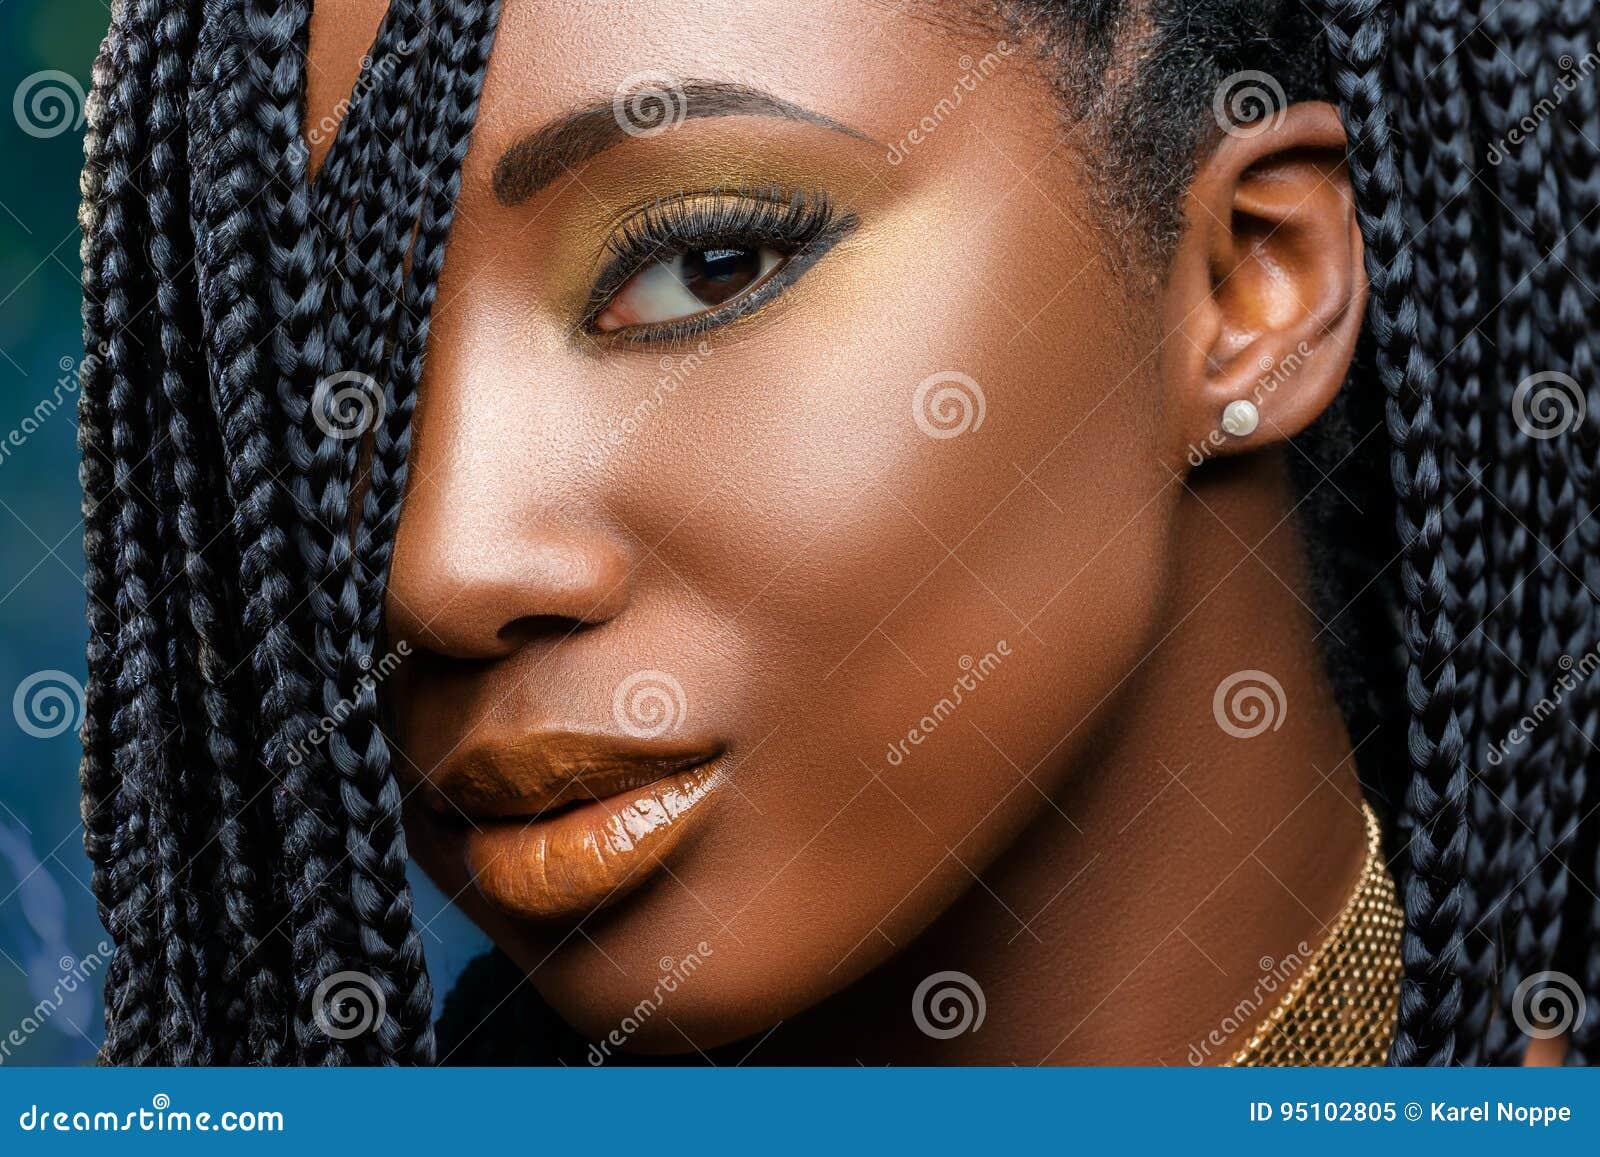 Macrodieschoonheidsgezicht Van Afrikaans Meisje Met Vlechten Wordt